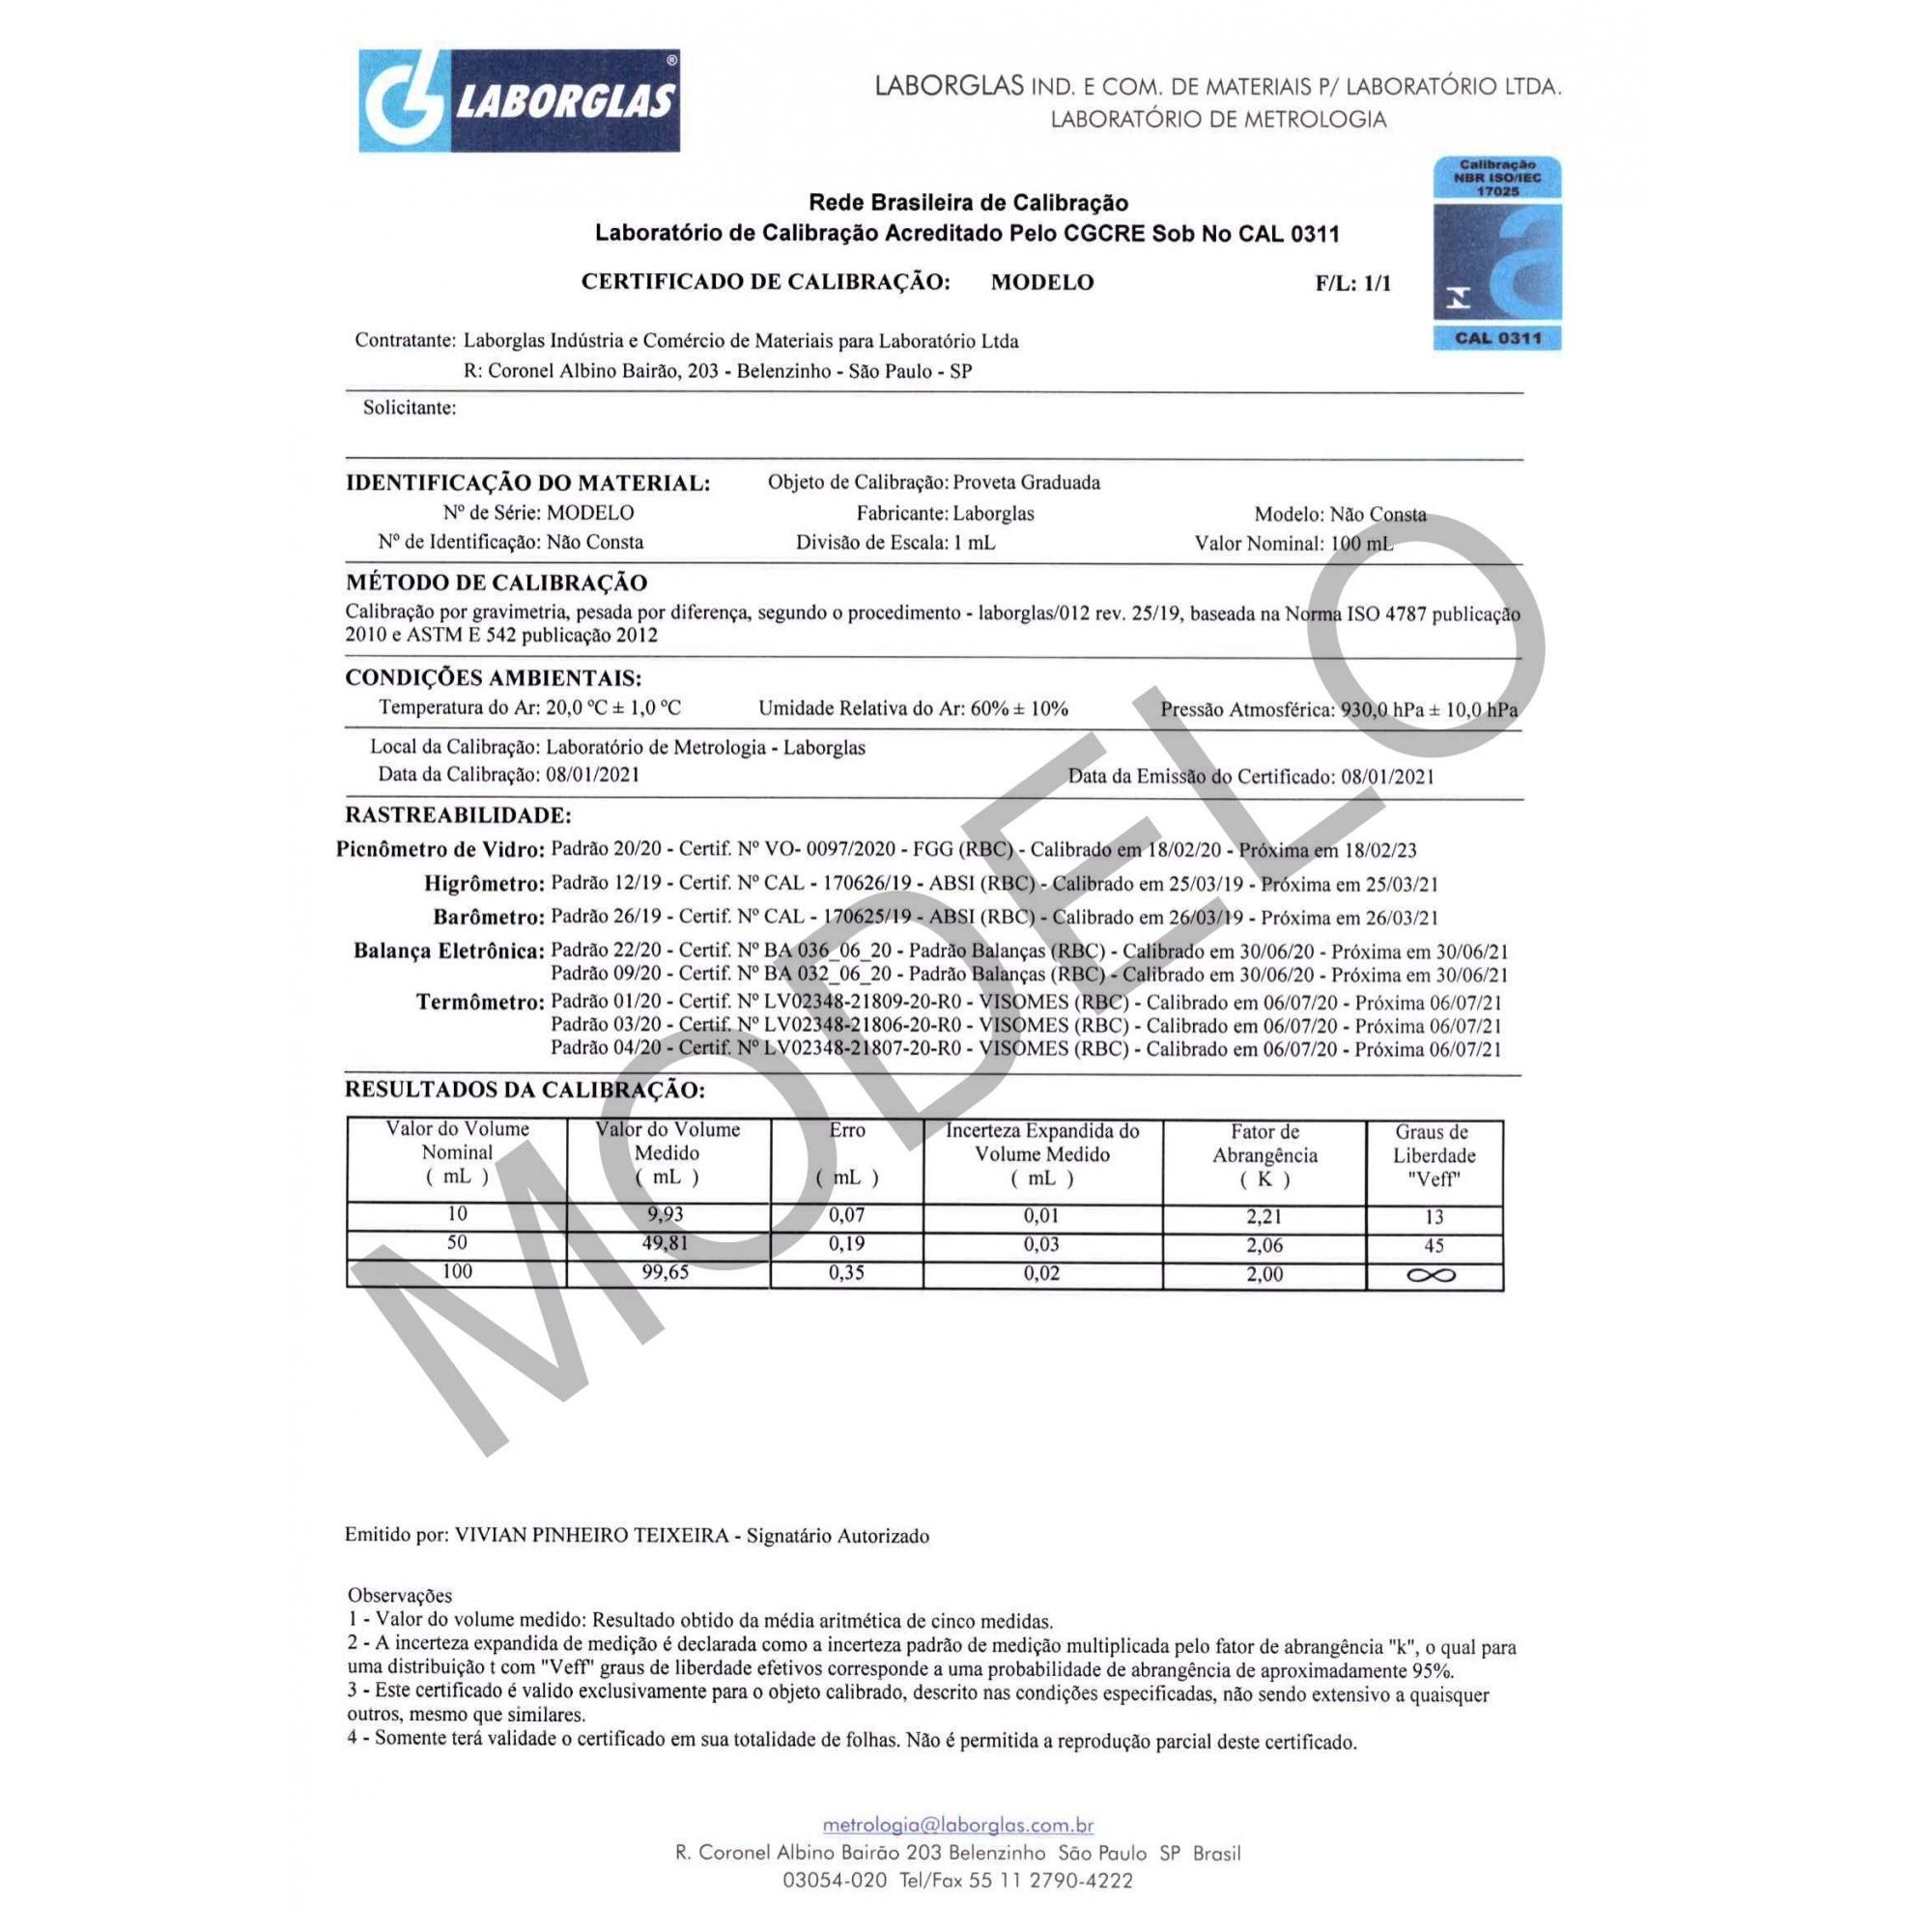 PROVETA GRADUADA BASE HEXAGONAL DE POLIPROPILENO 50 ML CERTIFICADO RBC - Laborglas - Cód. 9138617-R